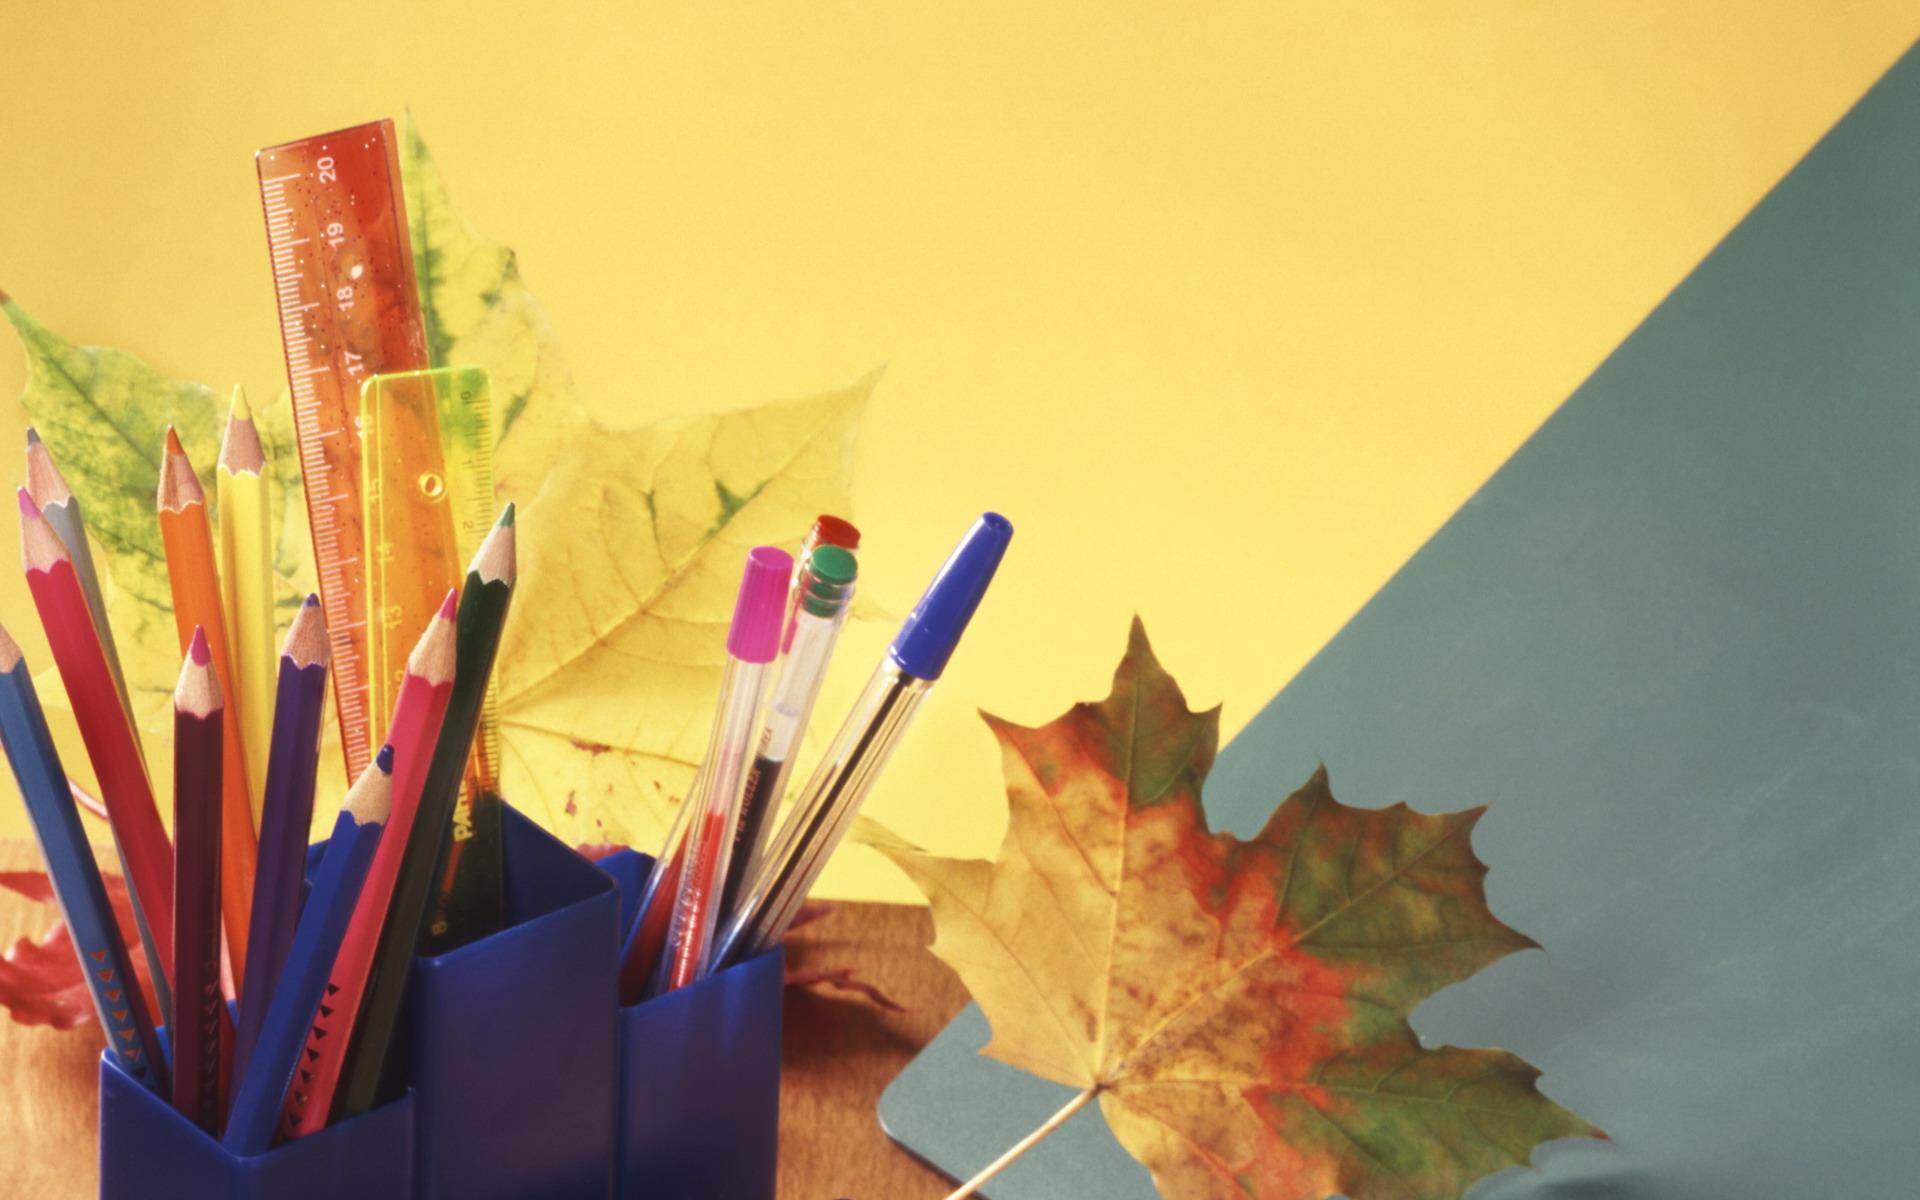 stihi 1sep 03 - В руках портфель, цветы